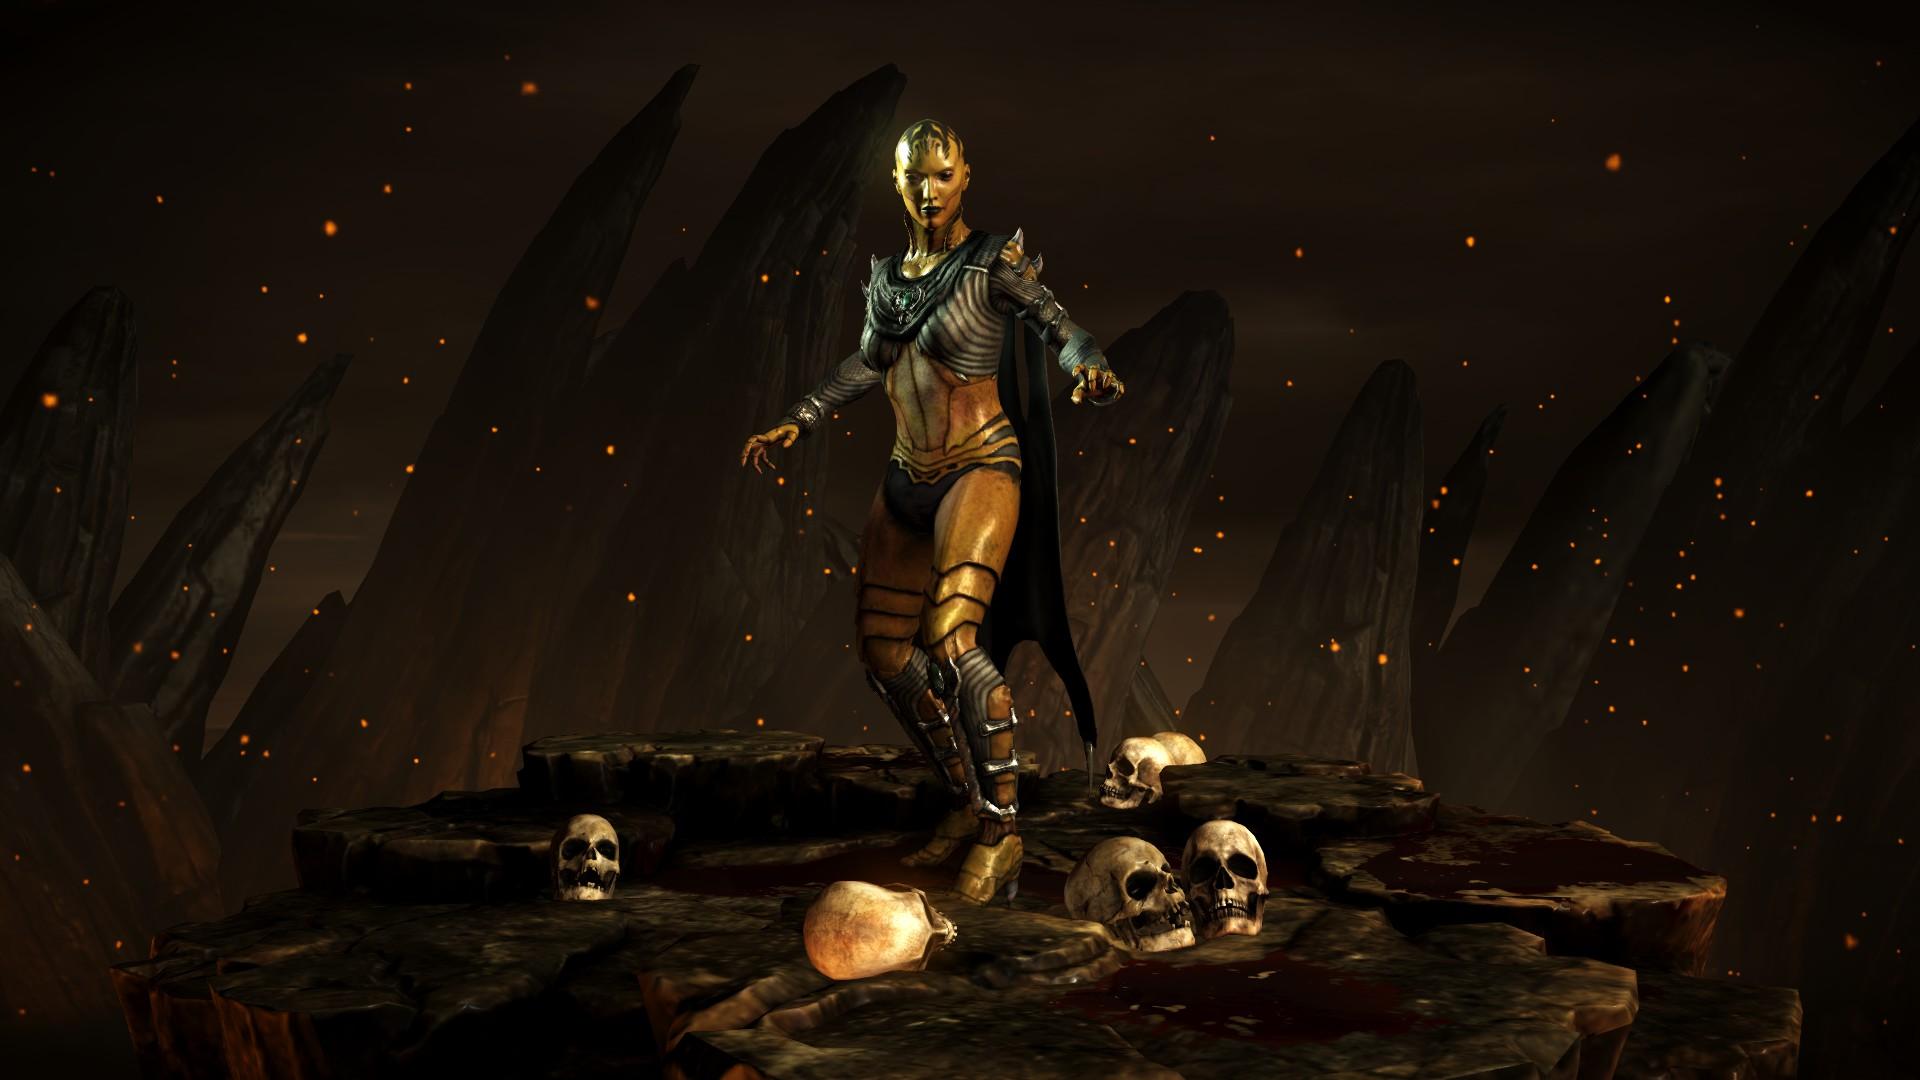 Ди'Вора (Стиль: Мать-героиня) - Mortal Kombat X Ди'Вора